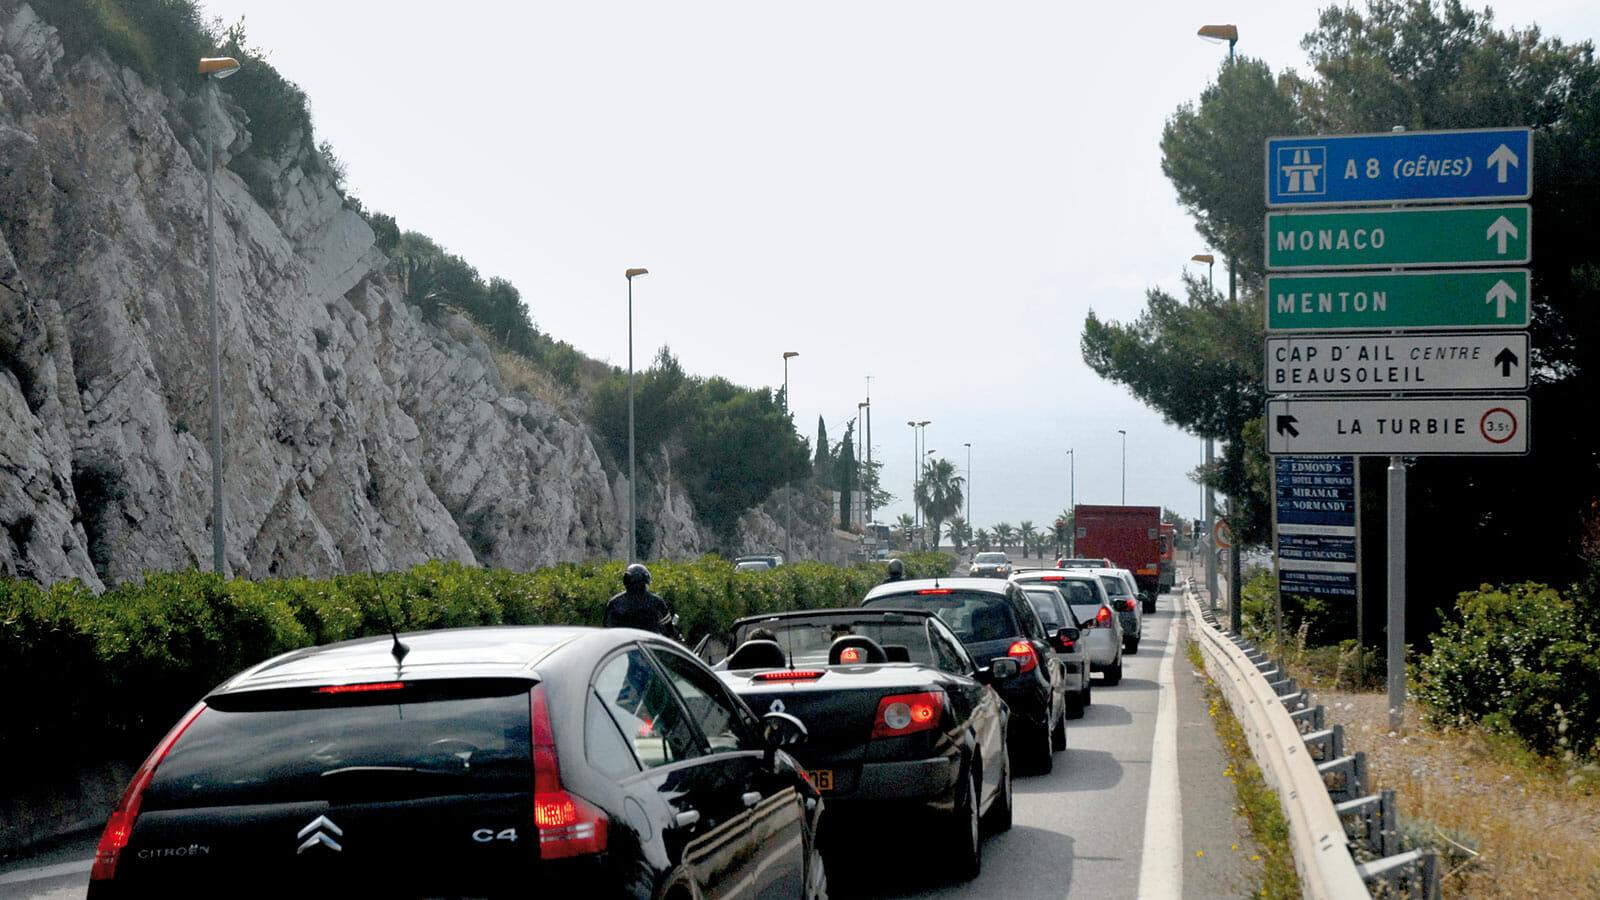 Autoroute A8 Monaco